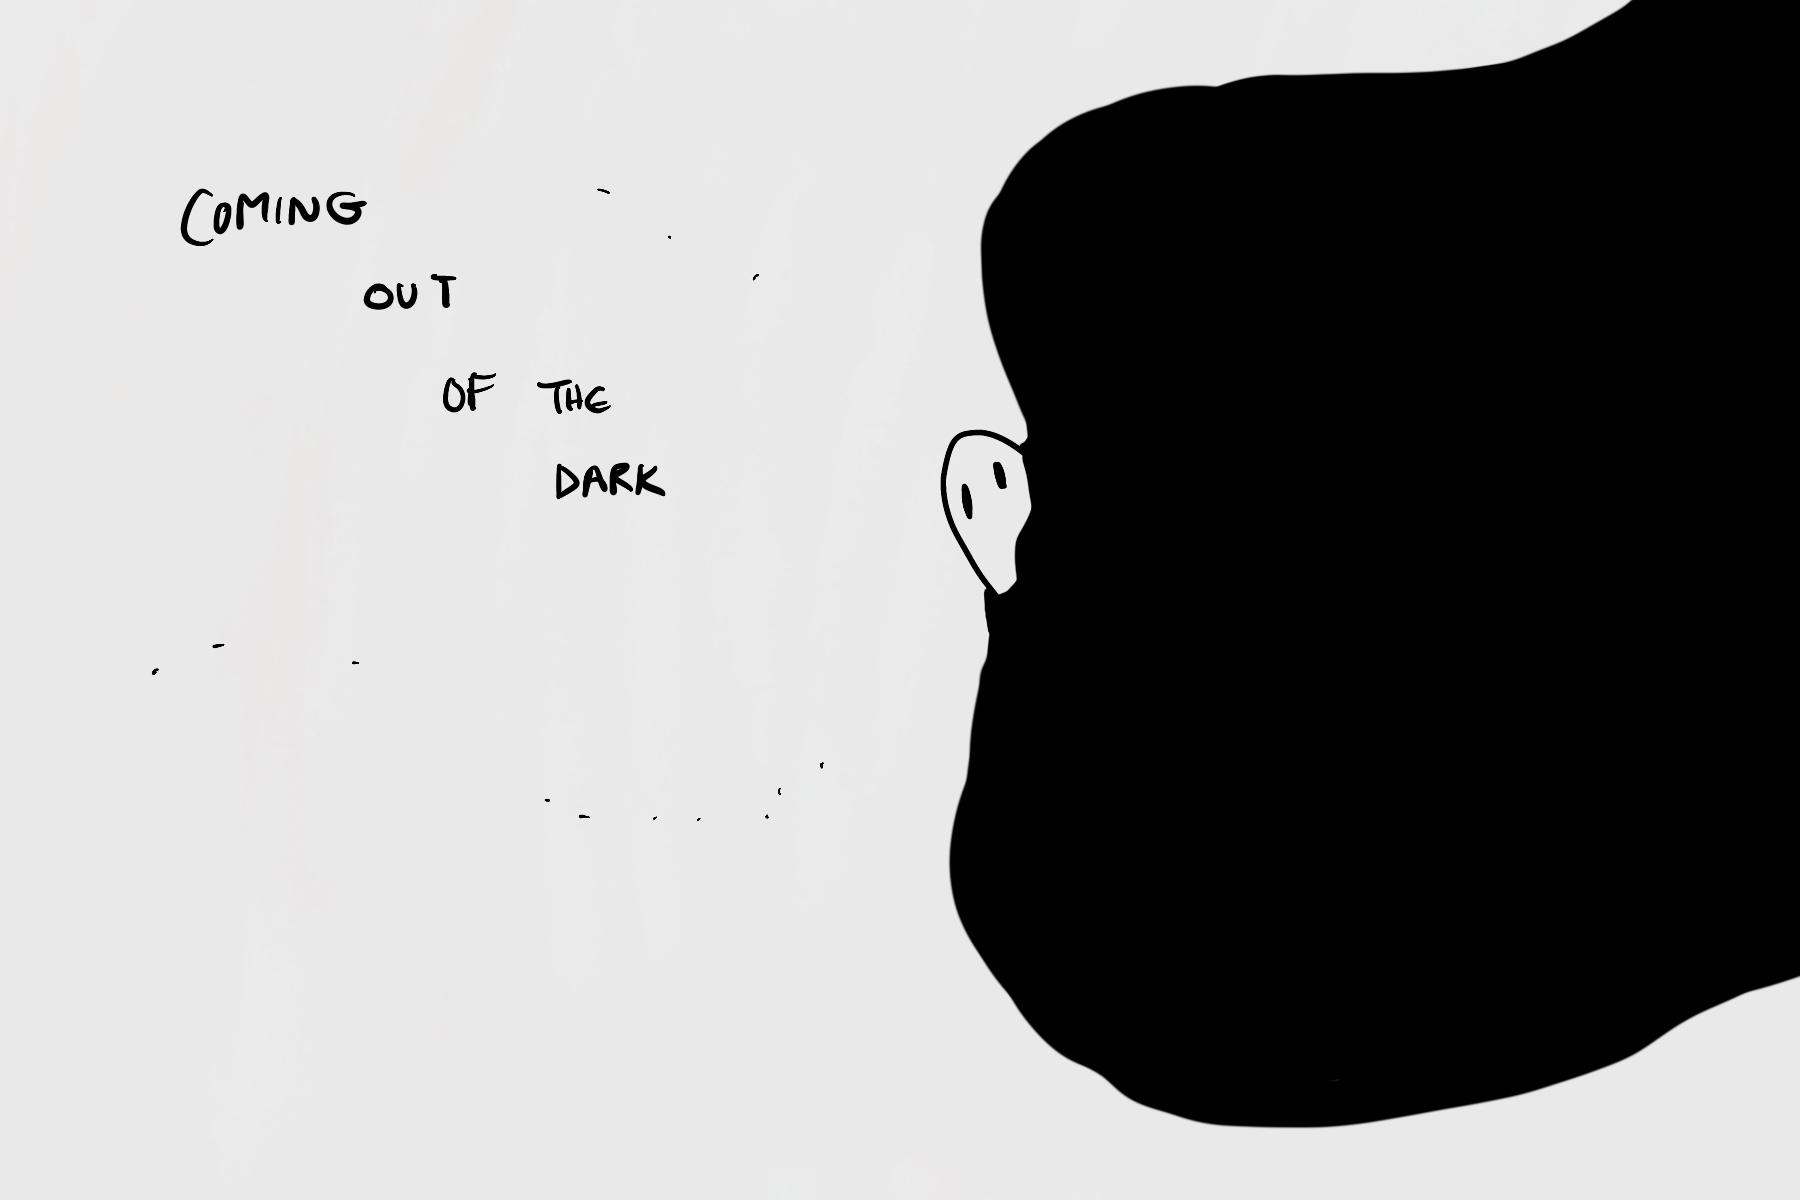 Coming out of the dark © Rana Ashraf